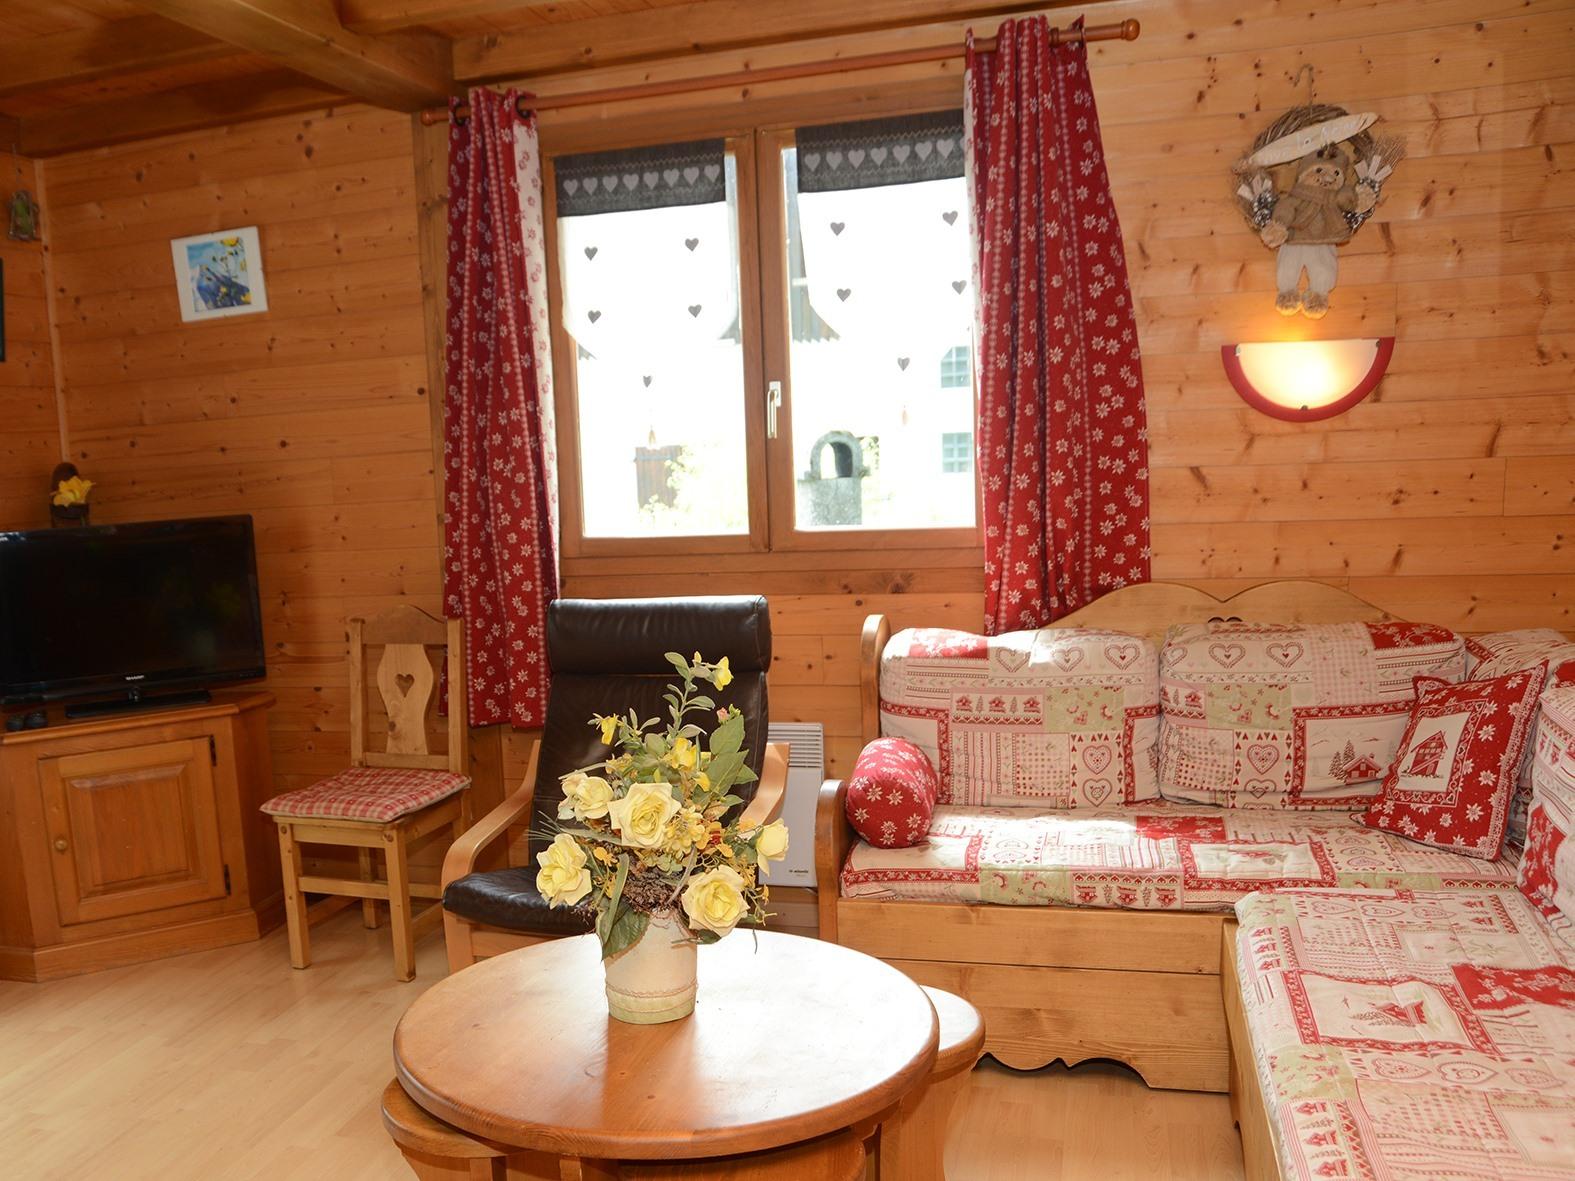 Chalet-Confort-Salle de bain privée séparée-Vue sur Piscine-Le Lynx - Tarif de base